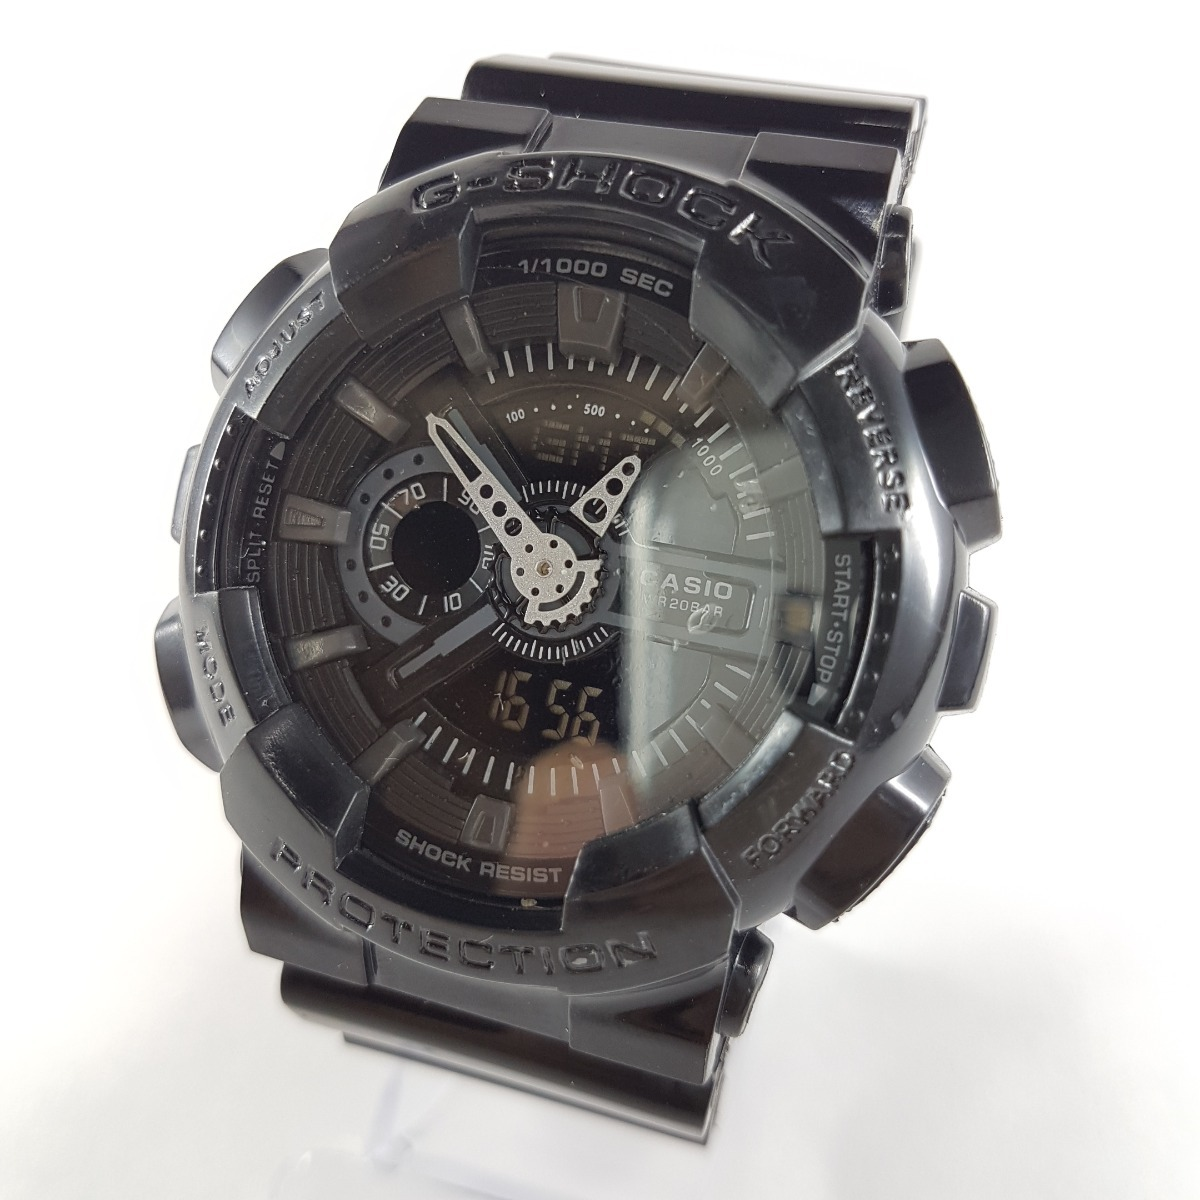 3f40405e14f relógio g shock automático à prova d água importado e caixa. Carregando  zoom.